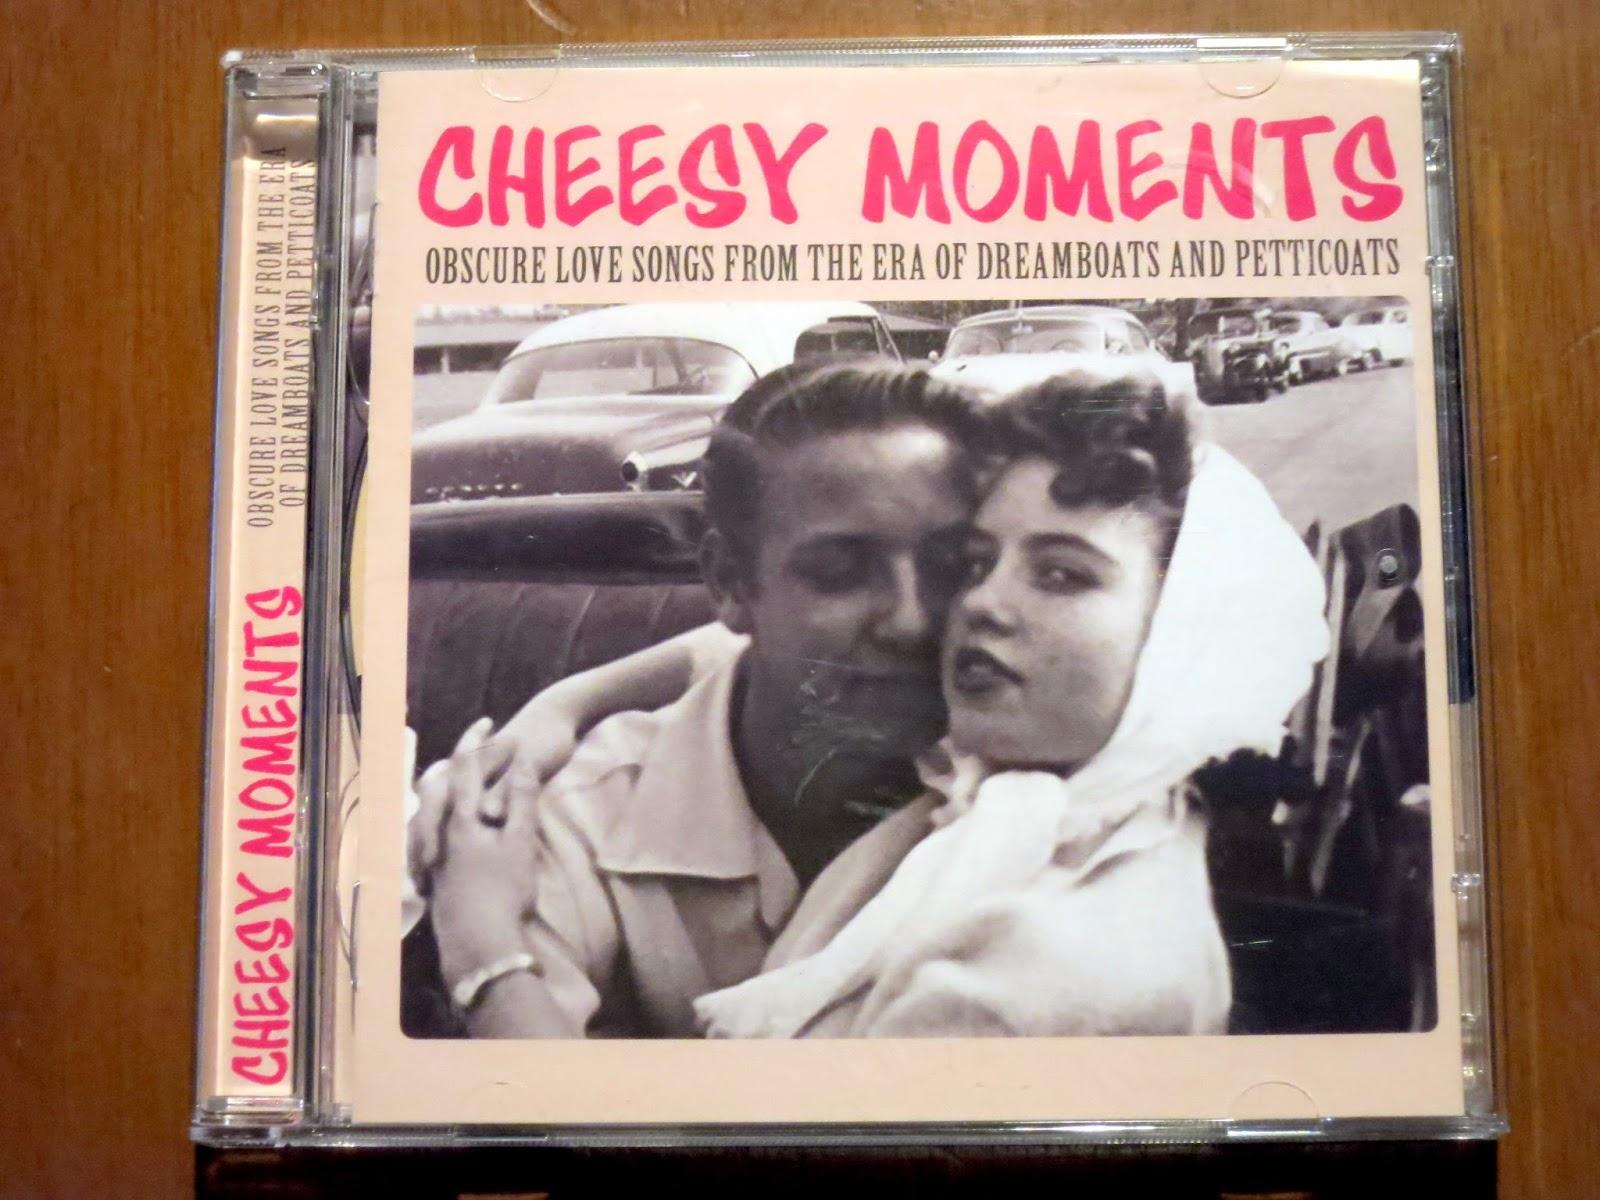 趣味趣味音楽生活 Cheesy Moments Obscure Love Songs